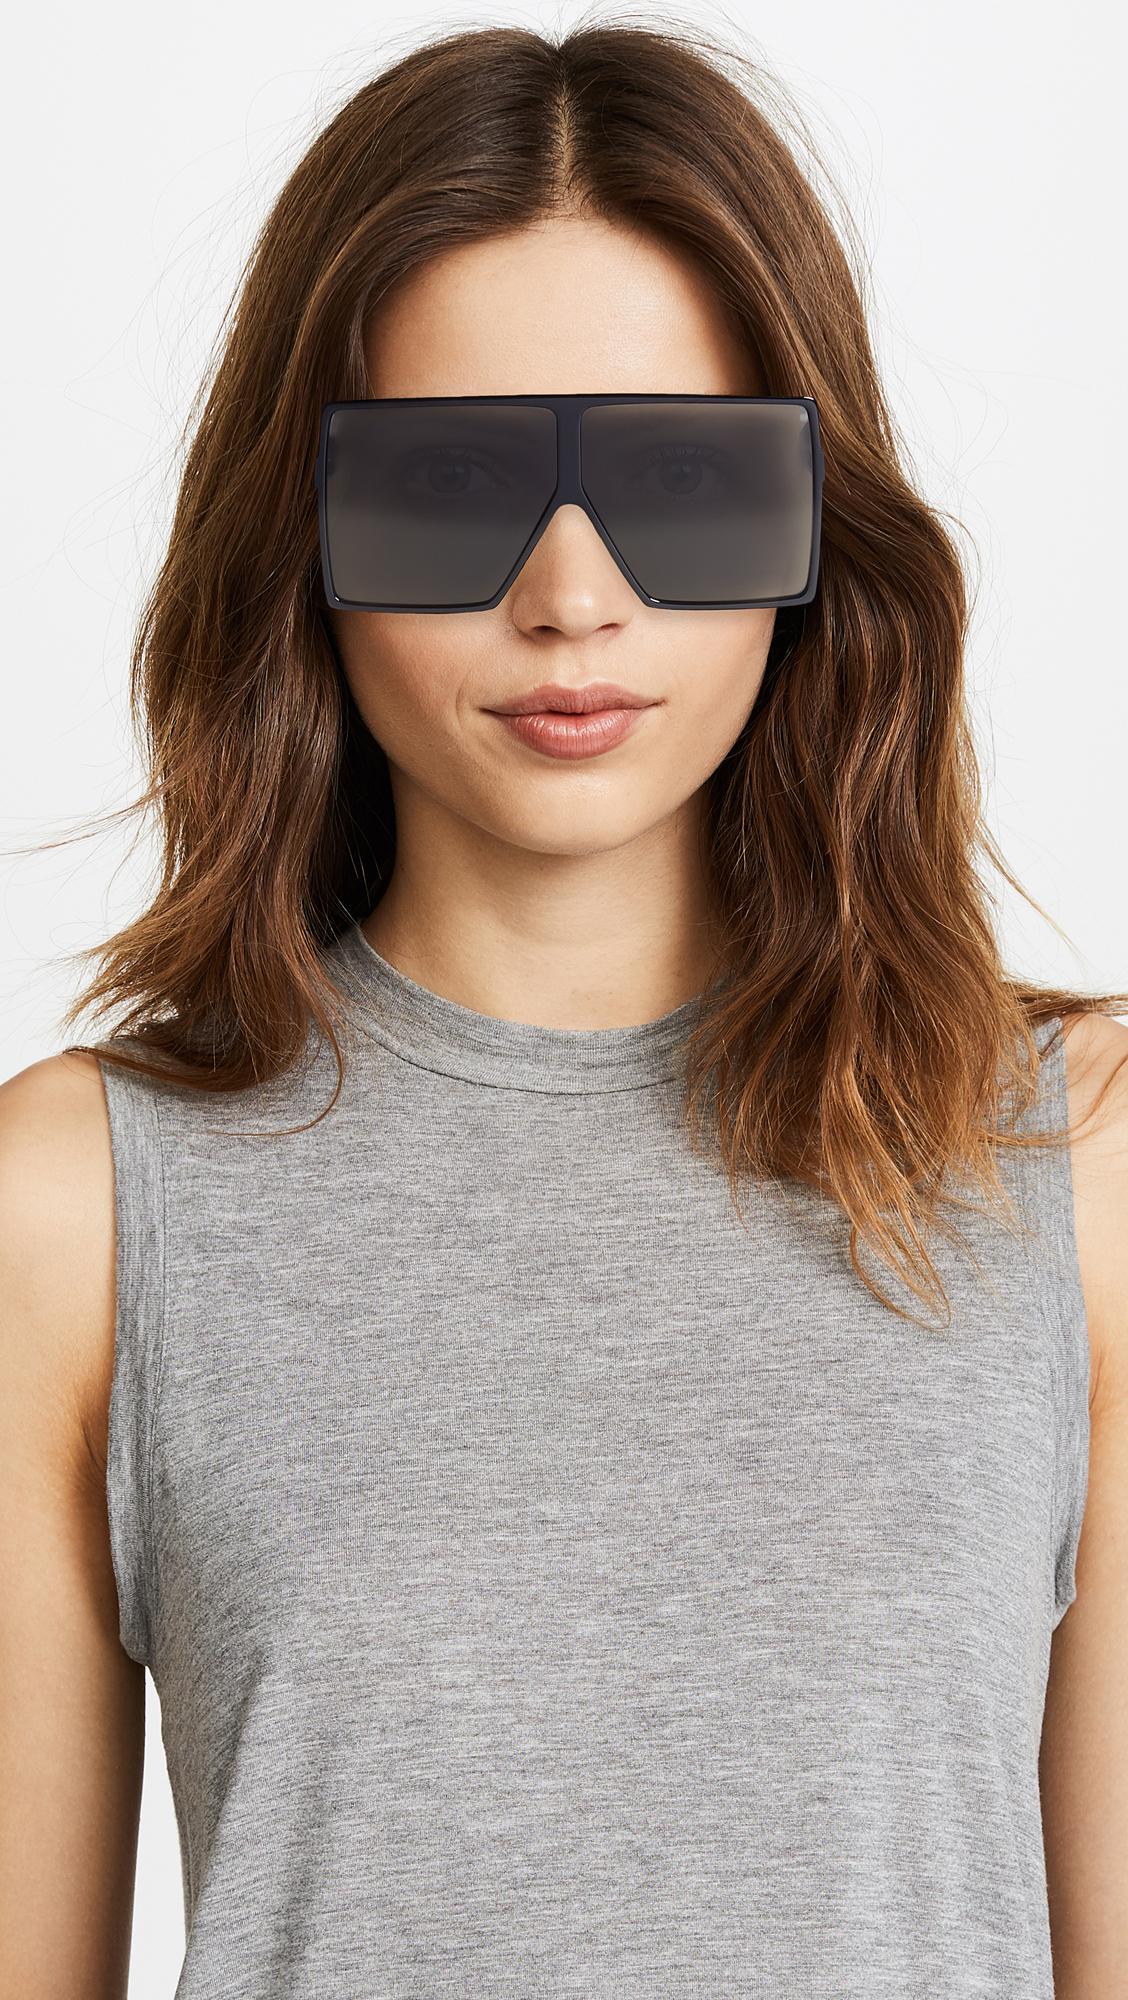 43a851127aa Saint Laurent SL 183 Betty Sunglasses